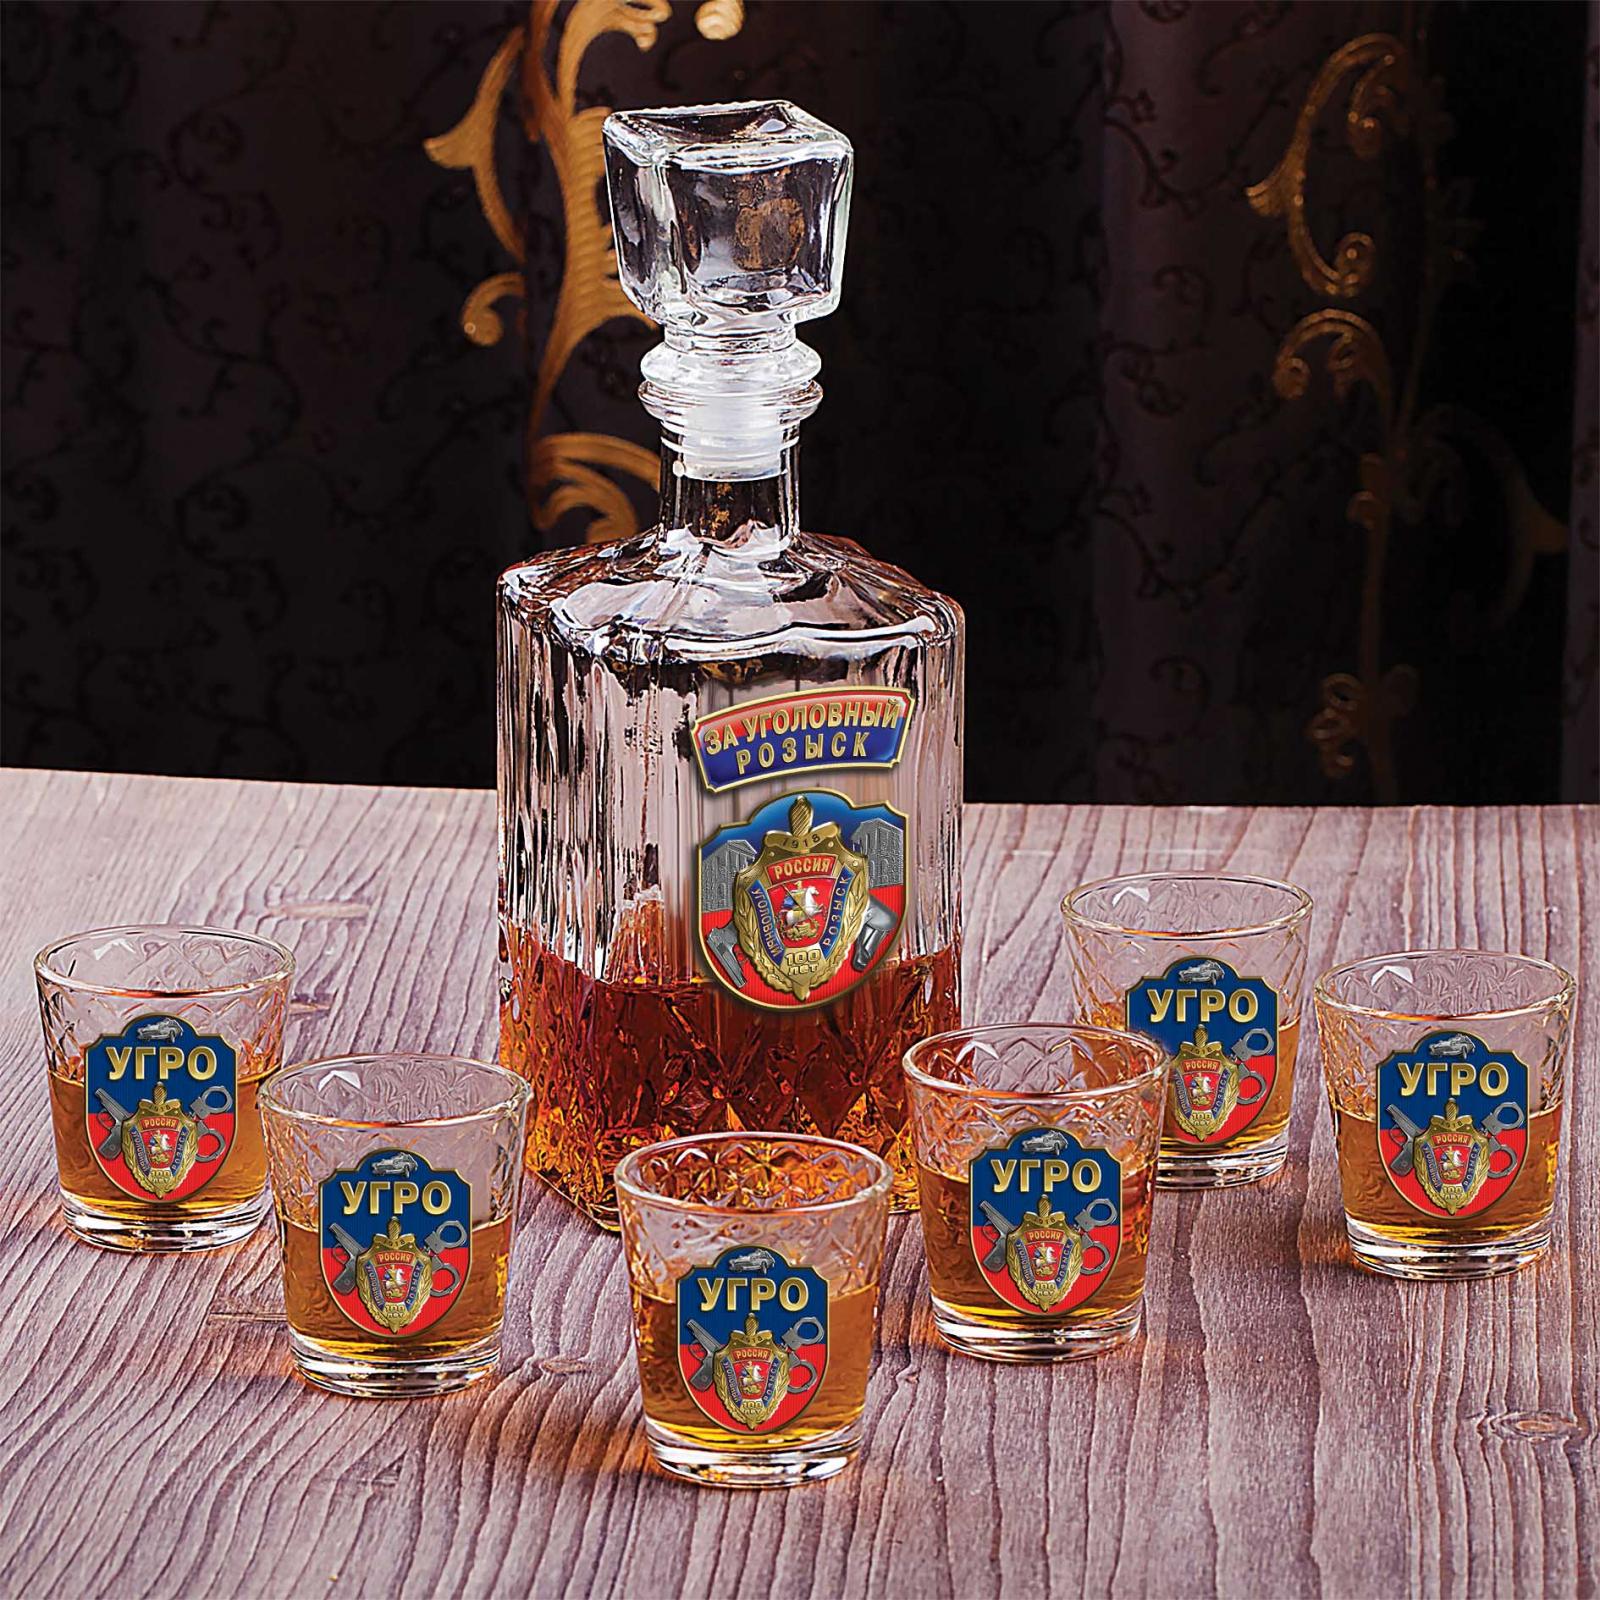 """Подарочный набор для крепких напитков """"За Уголовный розыск! 100 лет"""" (графин +6 стопок)"""